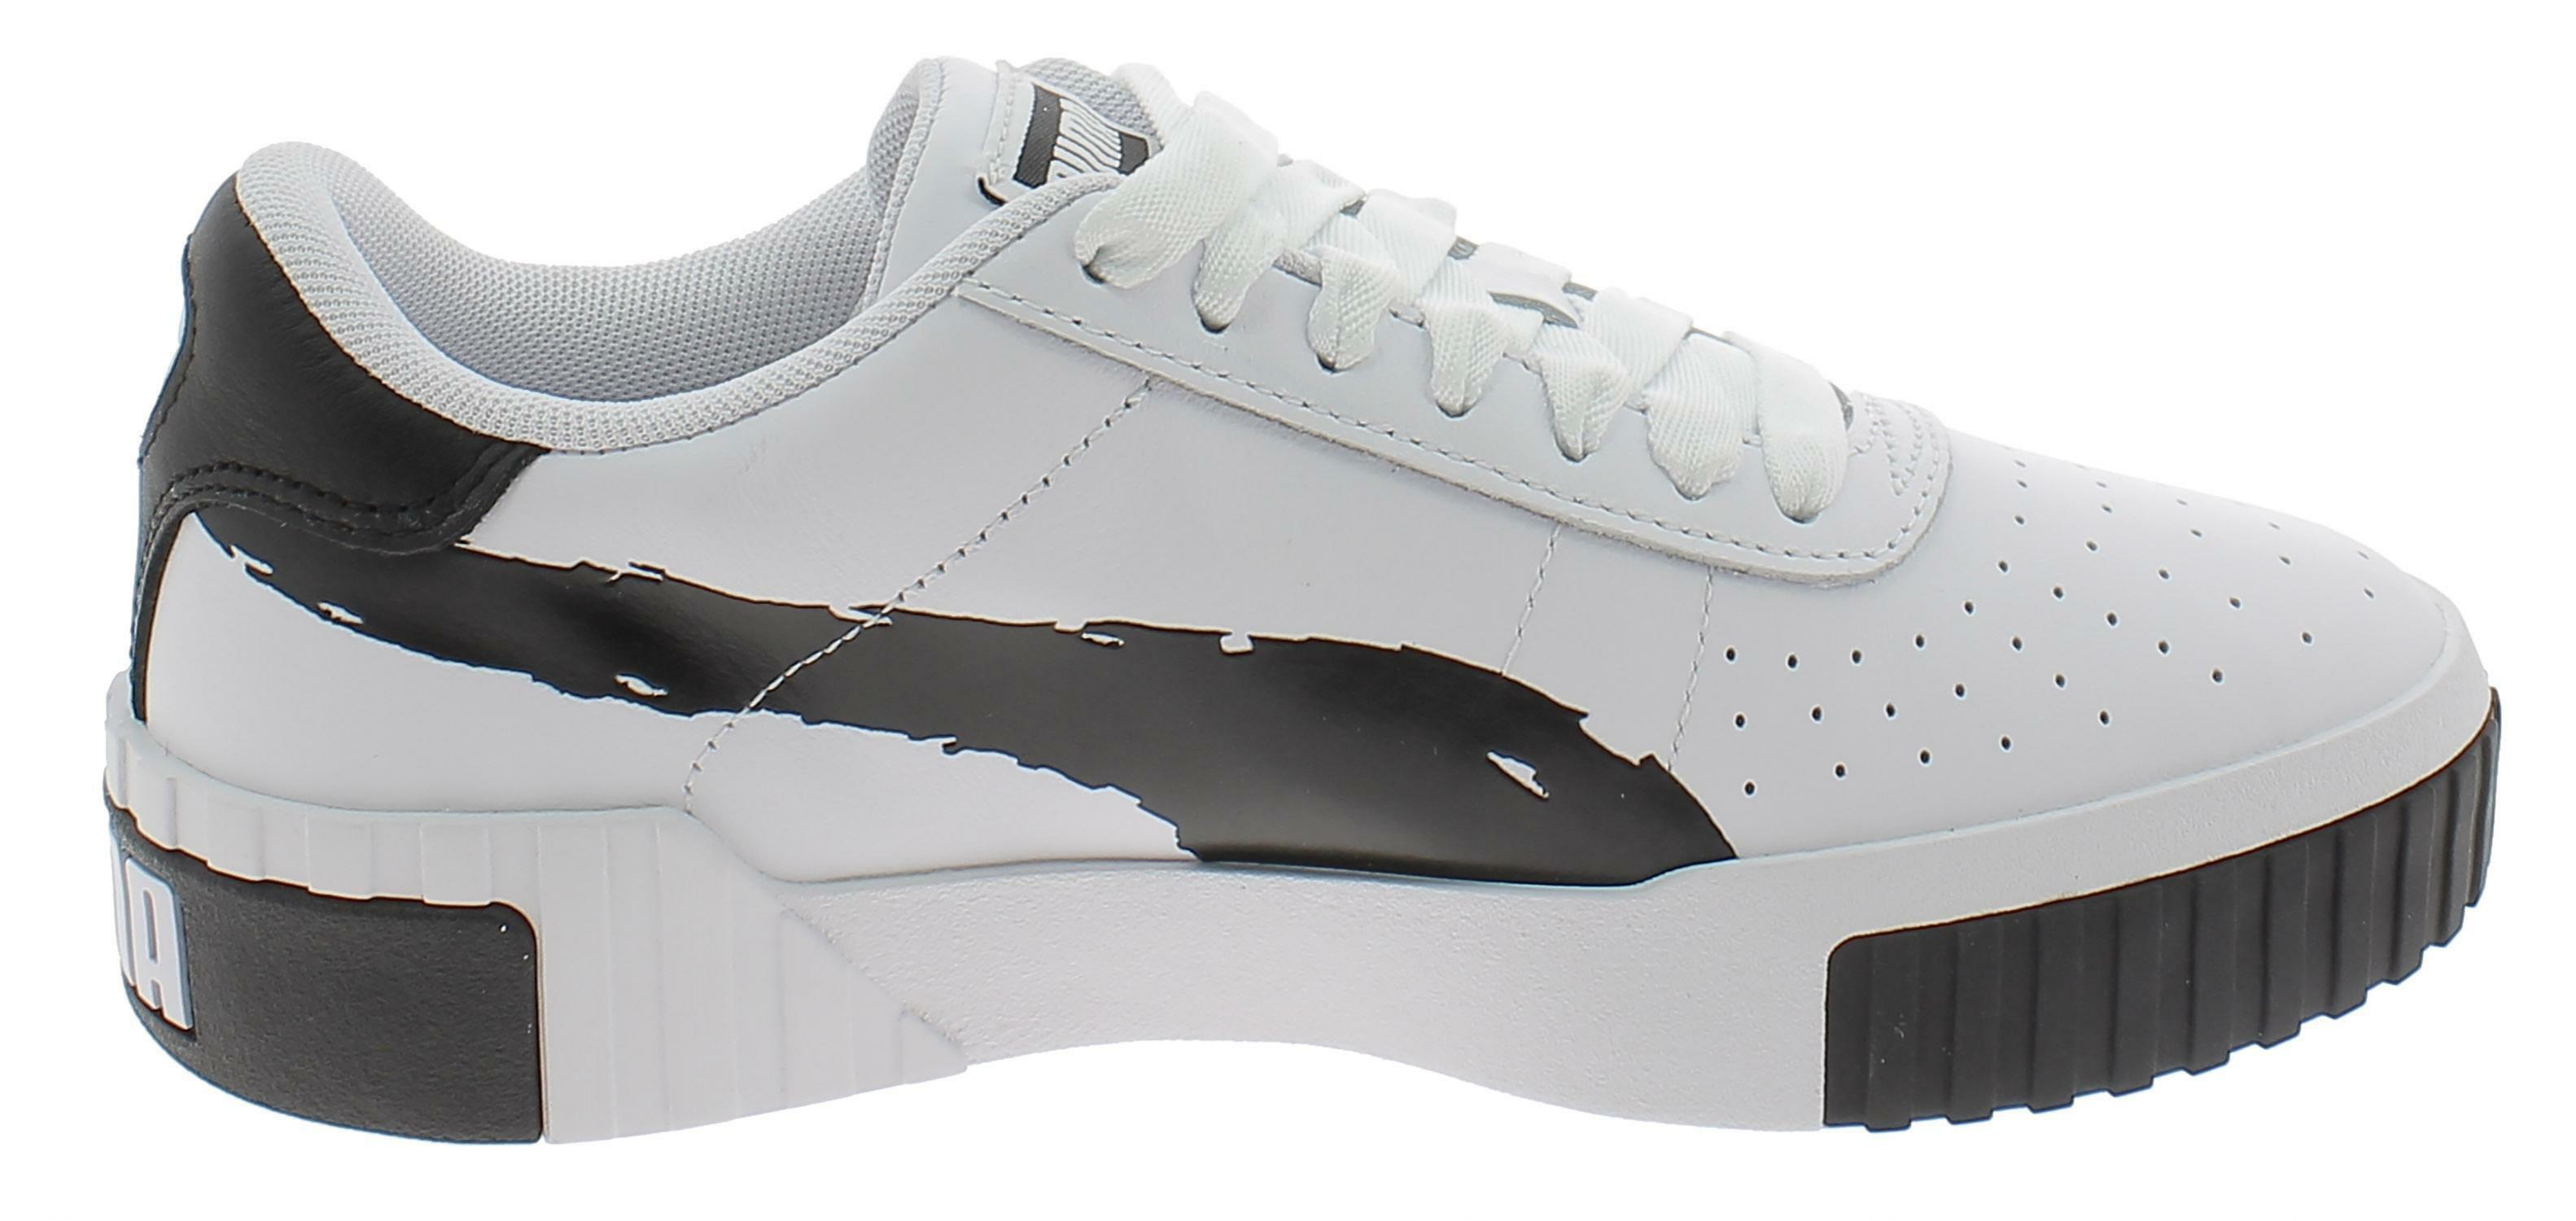 Puma cali brushed scarpe sportive donna bianche 37389601